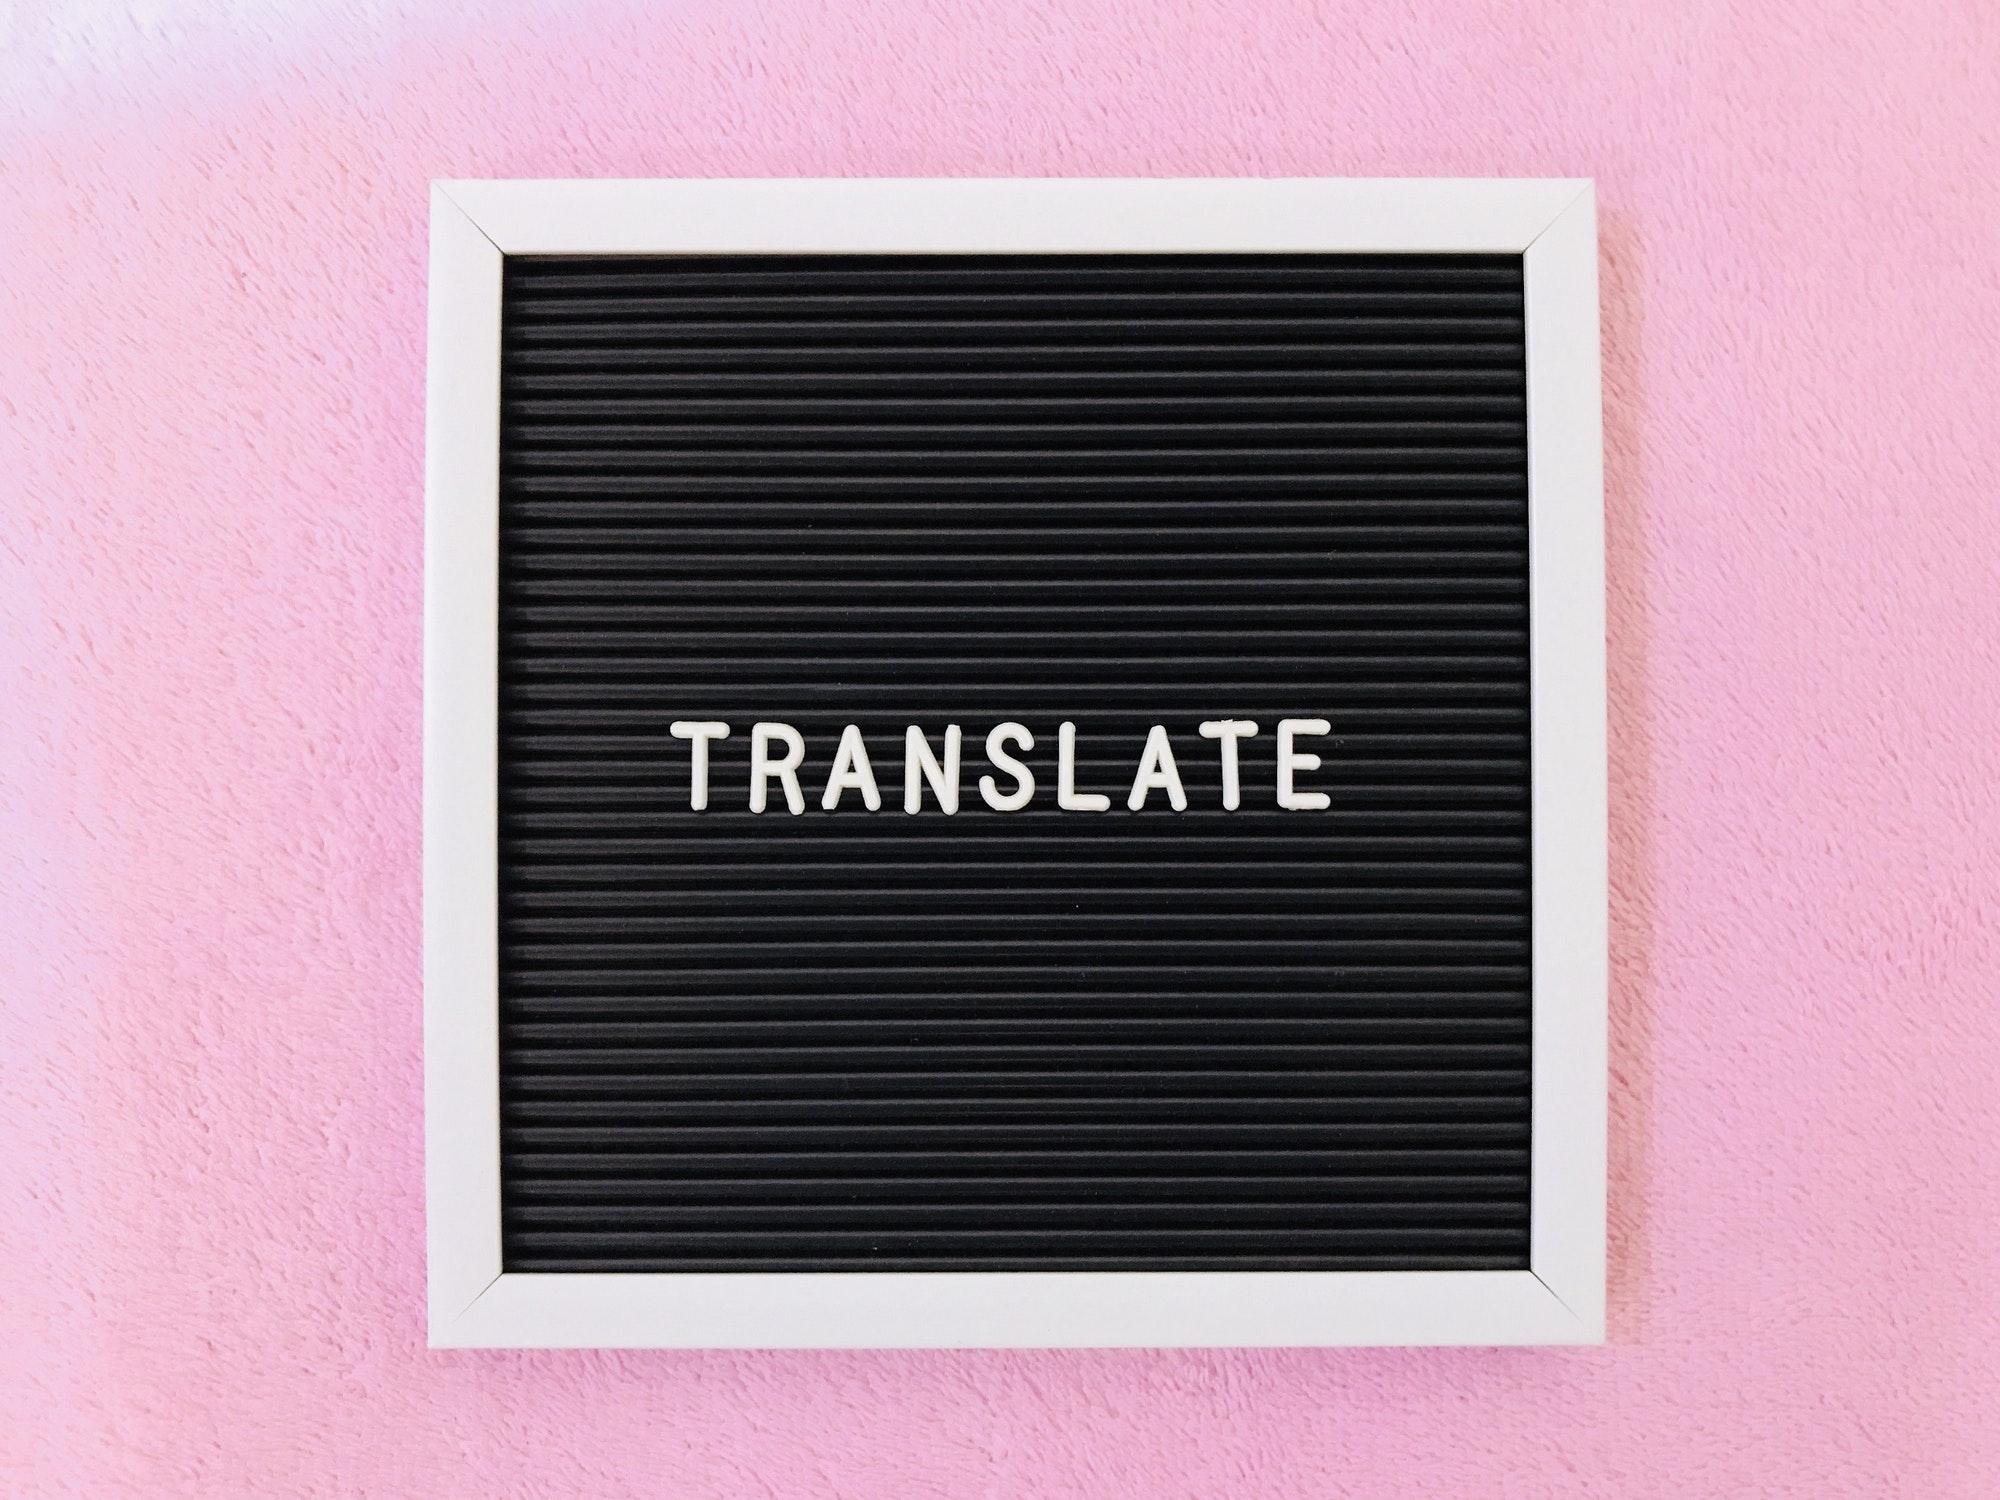 كيفية تعلم ترجمة اللغة الإنجليزية